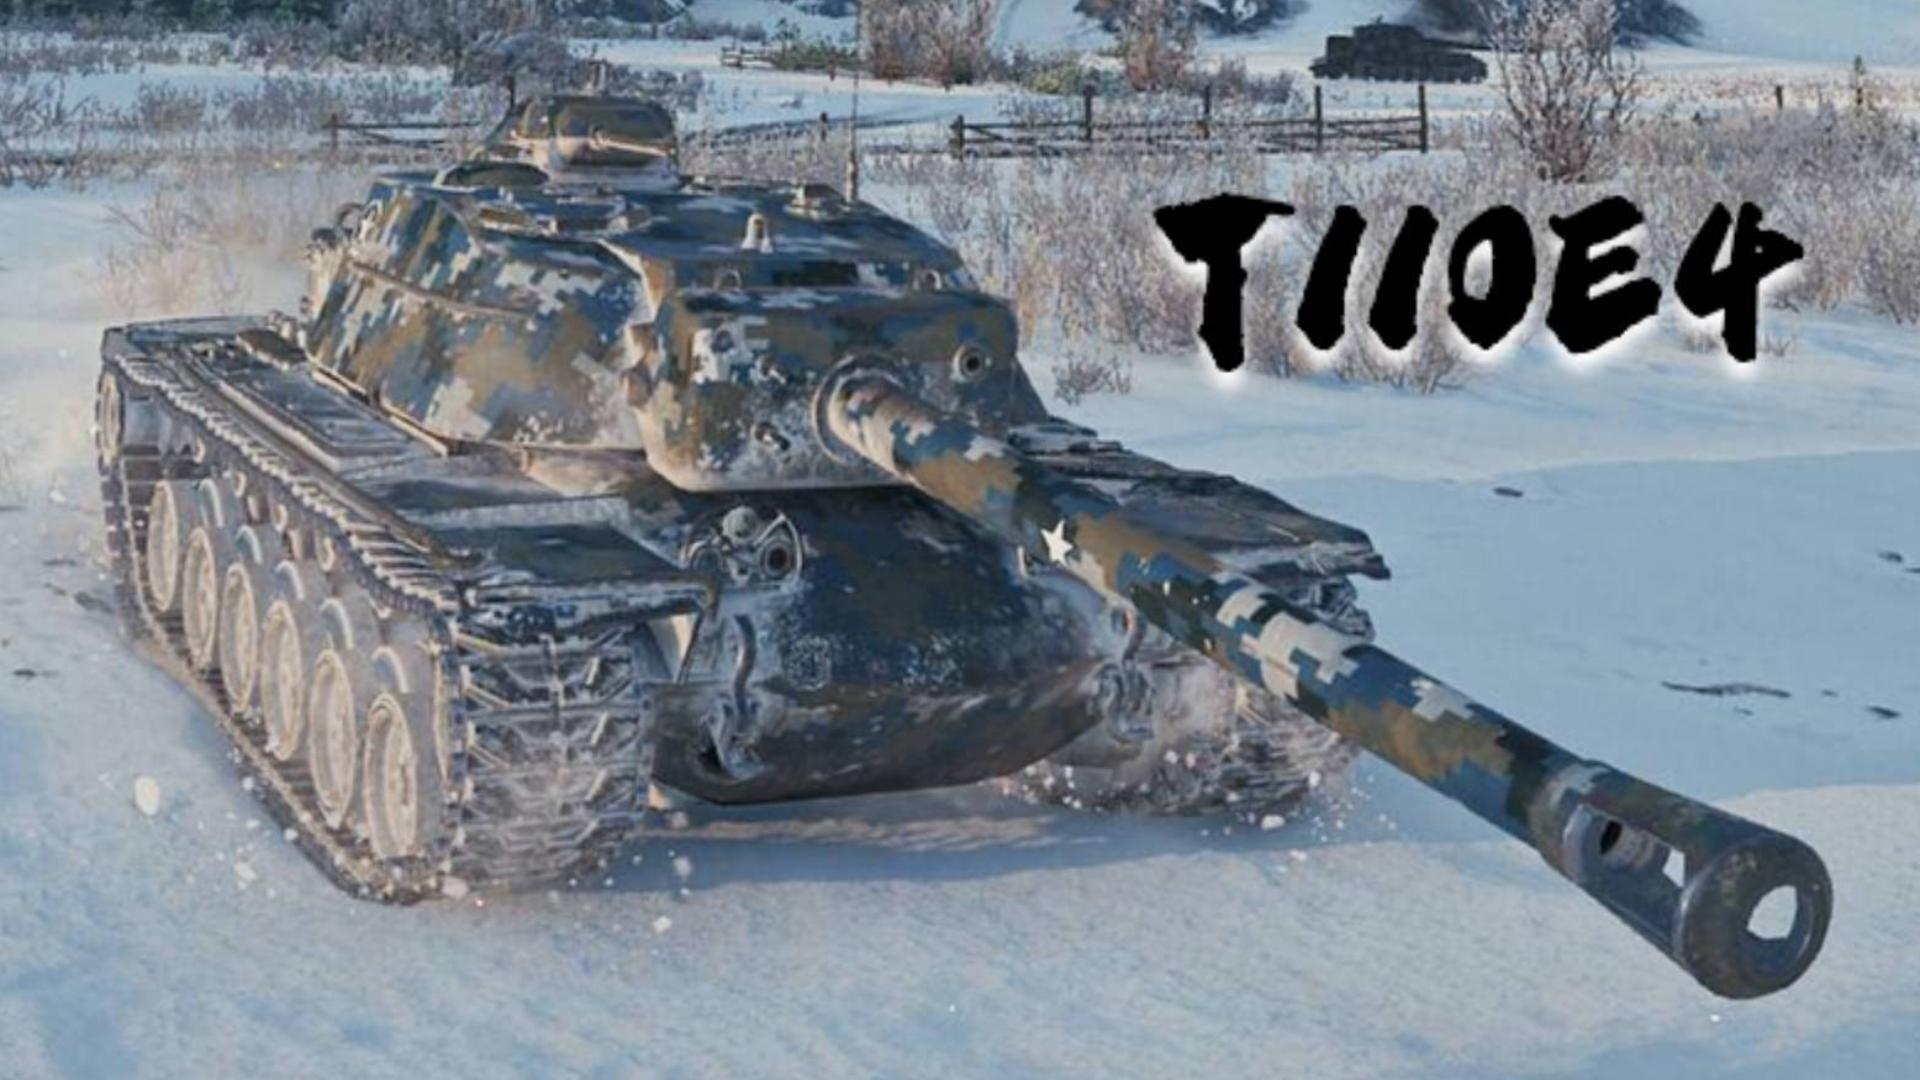 【坦克世界外服】T110E4 - 9杀 - 1.1万输出 [FHD]